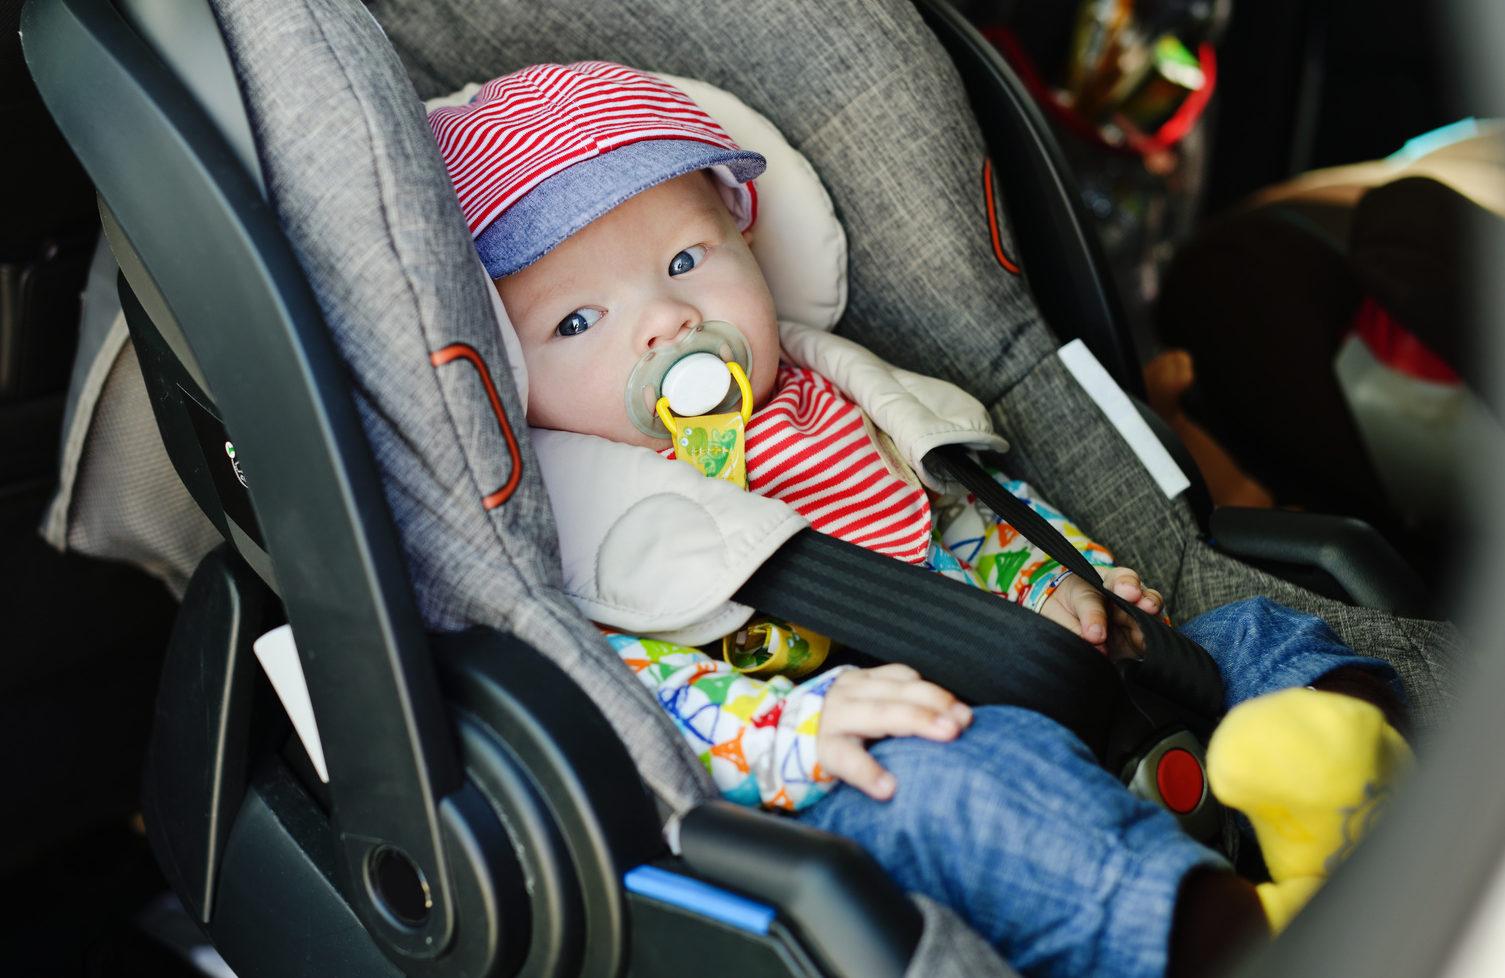 Babyschale Wie Lange Darf Dein Kind Darin Liegen Babyartikel De Magazin